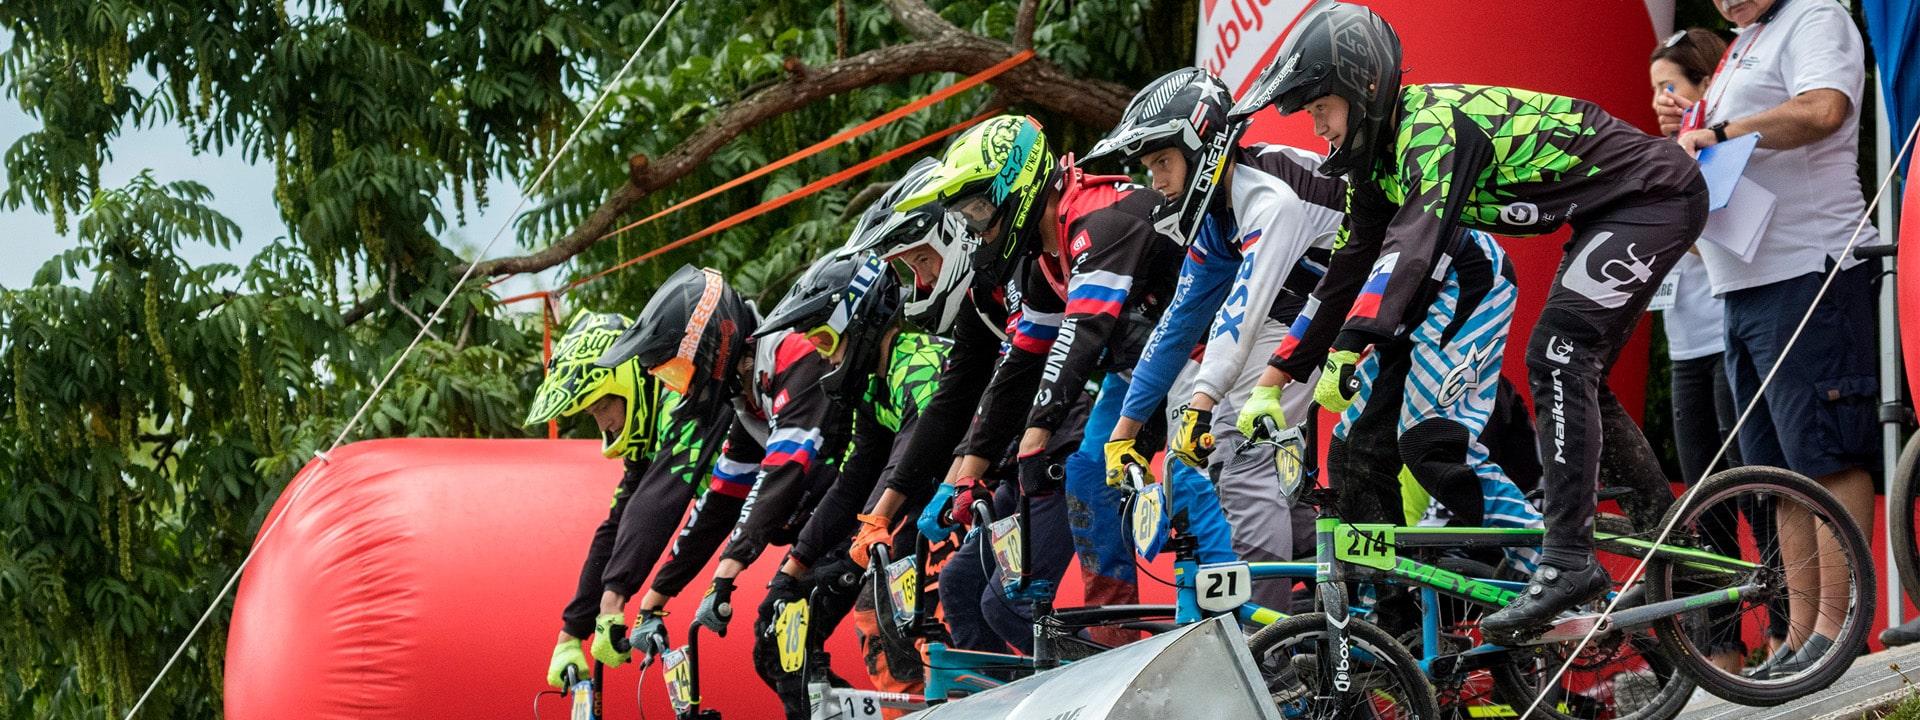 bmx-race-2-min